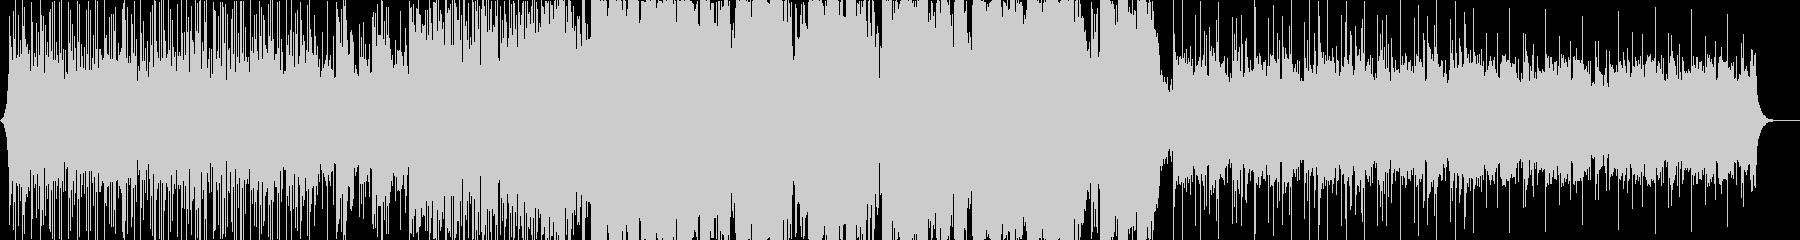 激しいエレクトロニカ/ブレイクビーツの未再生の波形